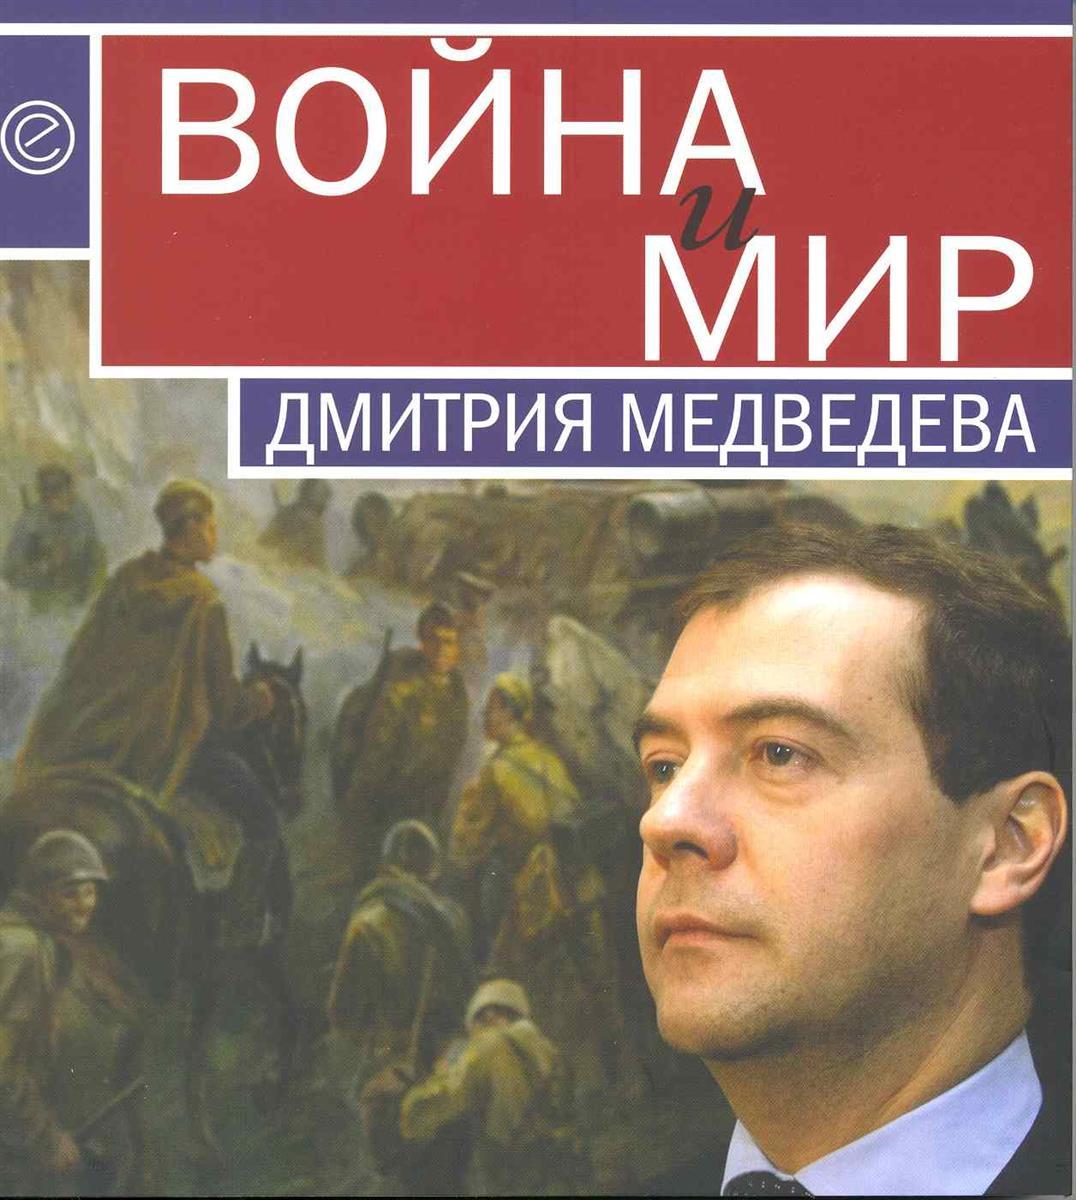 Танаев К., Данилин П. Война и мир Дмитрия Медведева